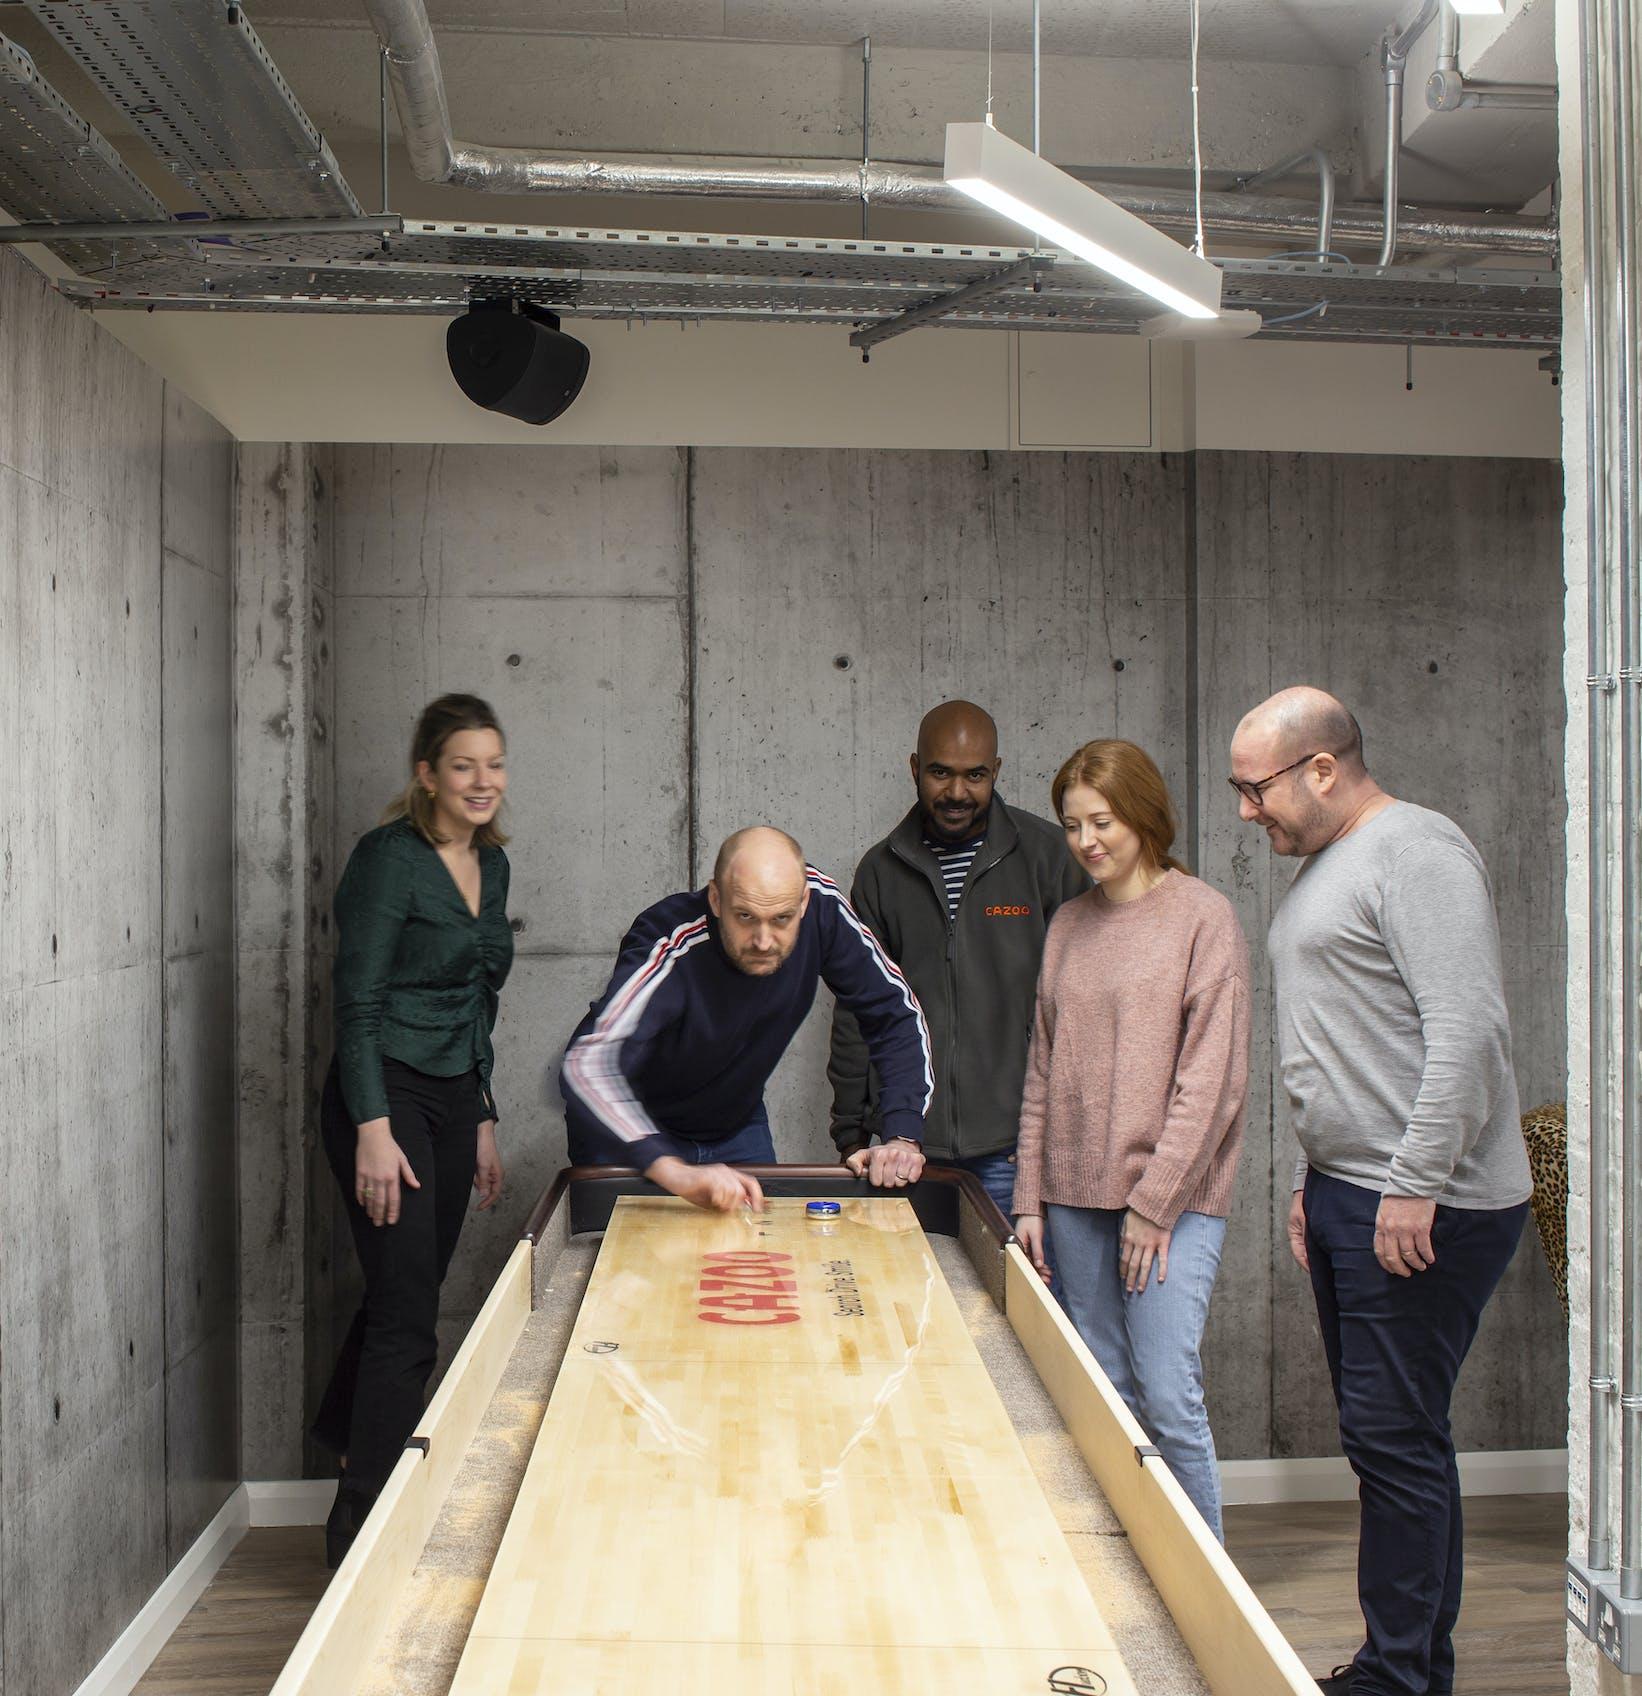 Cazoo staff playing shuffleboard